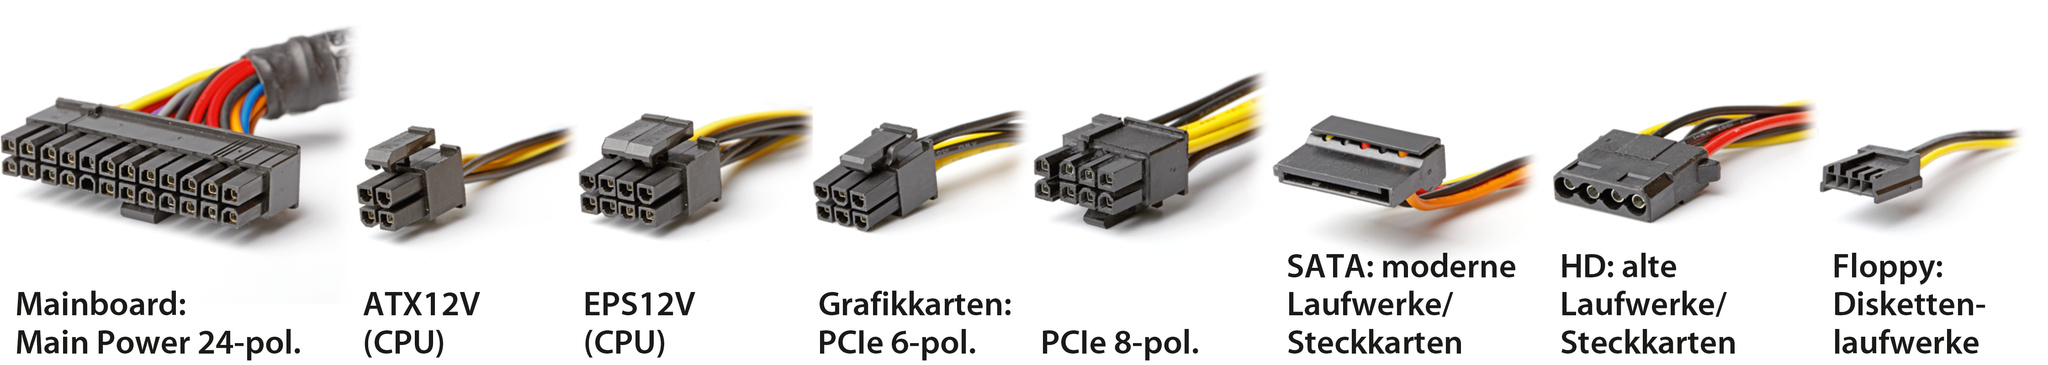 ATX-Netzteil Stromanschlüsse.jpg